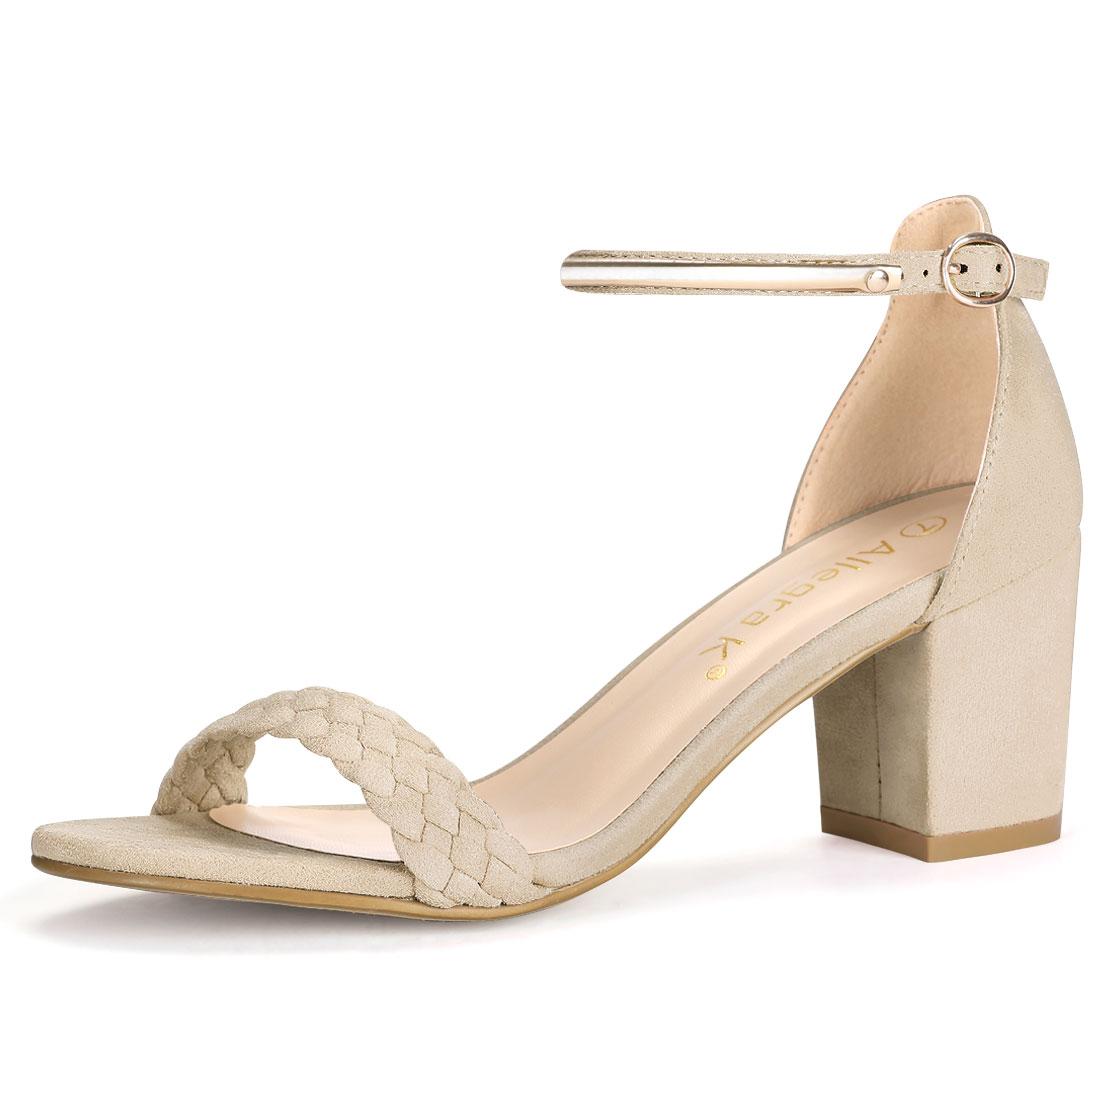 Women Open Toe Mid Heel Braided Ankle Strap Sandals Beige US 10